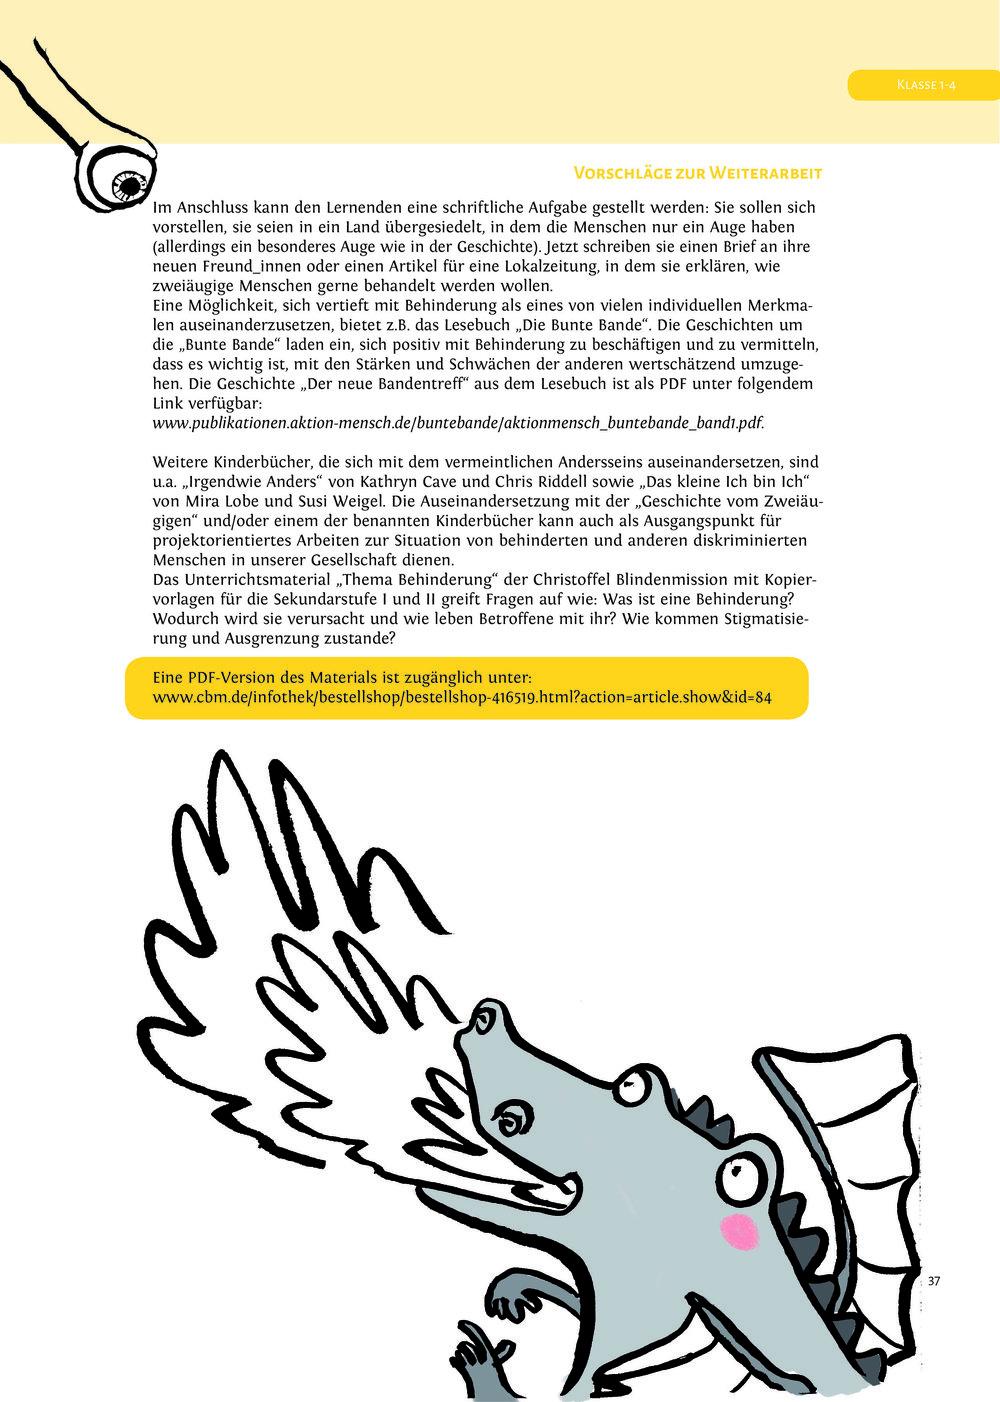 NEU_regenbogenkoffer_layout_frolleinmotte_dez9_3mm-druckbogen_22.jpg